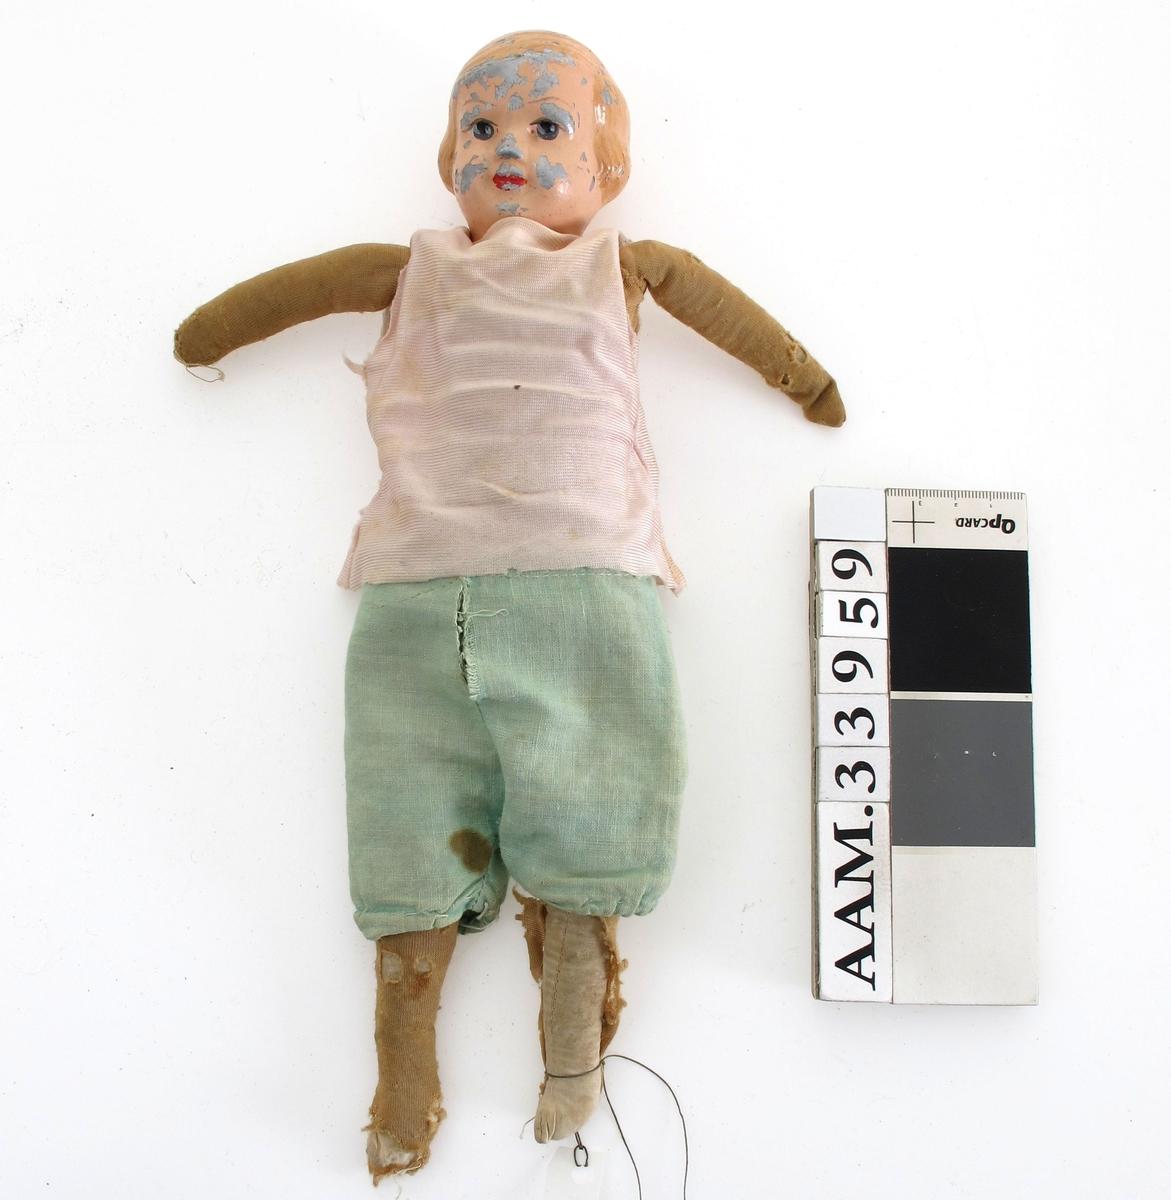 Tøydukke med støpt hode i plast (?).  Kledd i selekjole med bluse (sammensydd) og strømpebukse og underbukse.